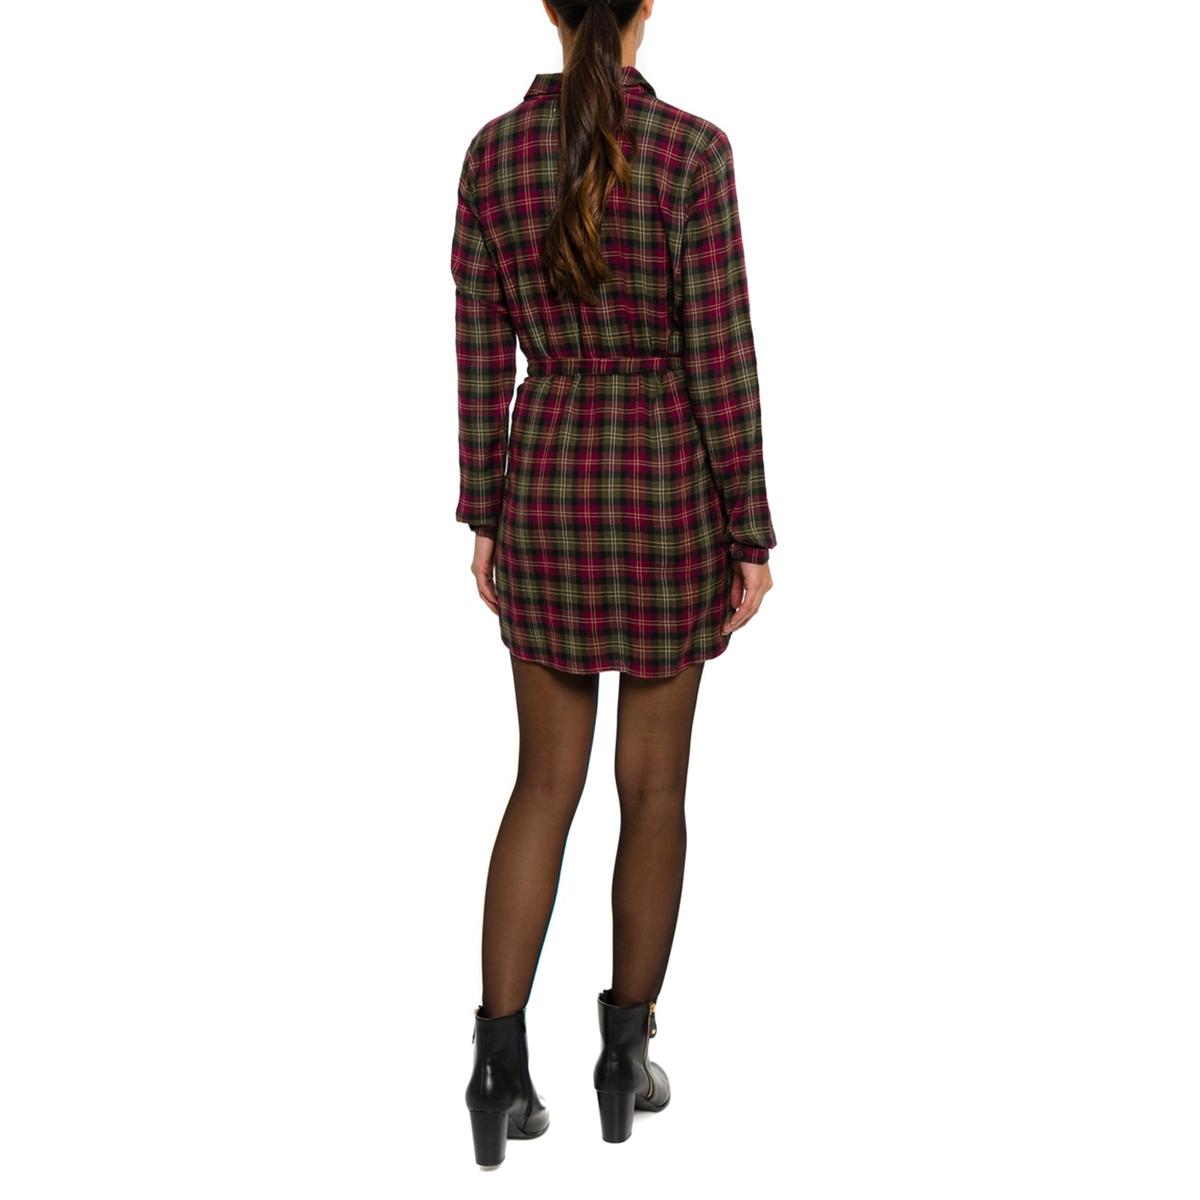 Платье-рубашка с рисункомПлатье-рубашка PARAMITA. Рисунок в клетку в шотландском стиле. Пояс на завязках. Длинные рукава.           Состав и описание:Материал: 100% хлопок.Марка: PARAMITA.<br><br>Цвет: в клетку зеленый/красный